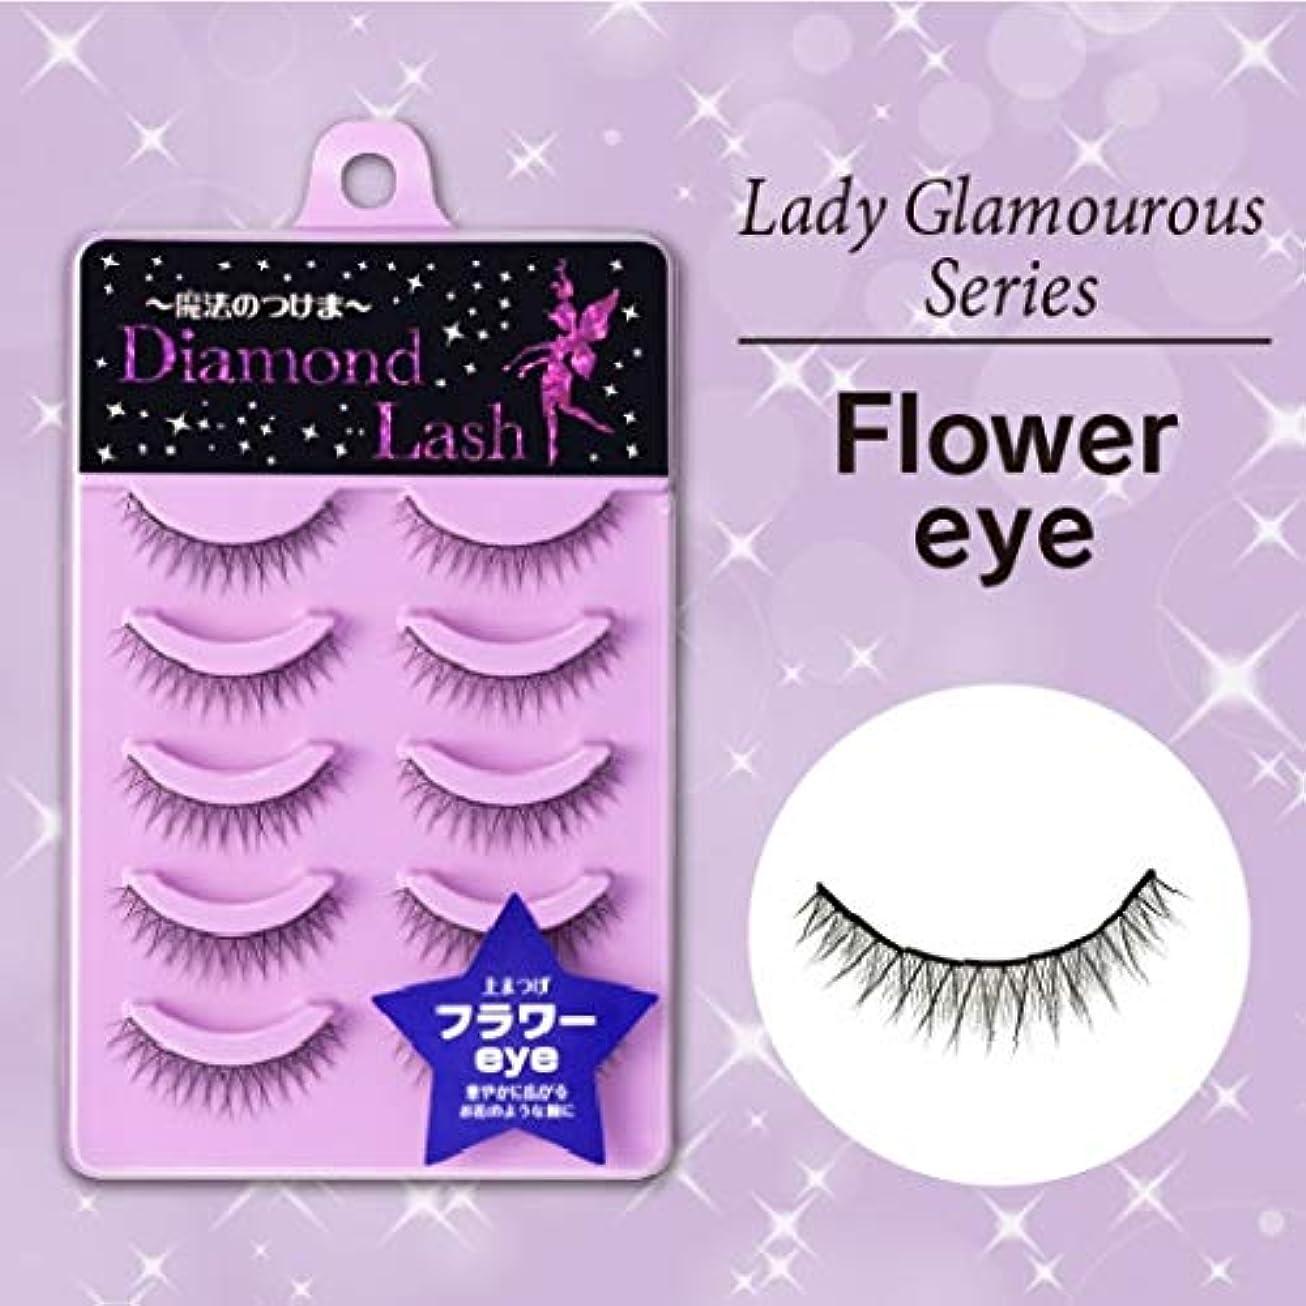 硬い慢露骨なDiamond Lash(ダイヤモンドラッシュ) レディグラマスシリーズ フラワーeye